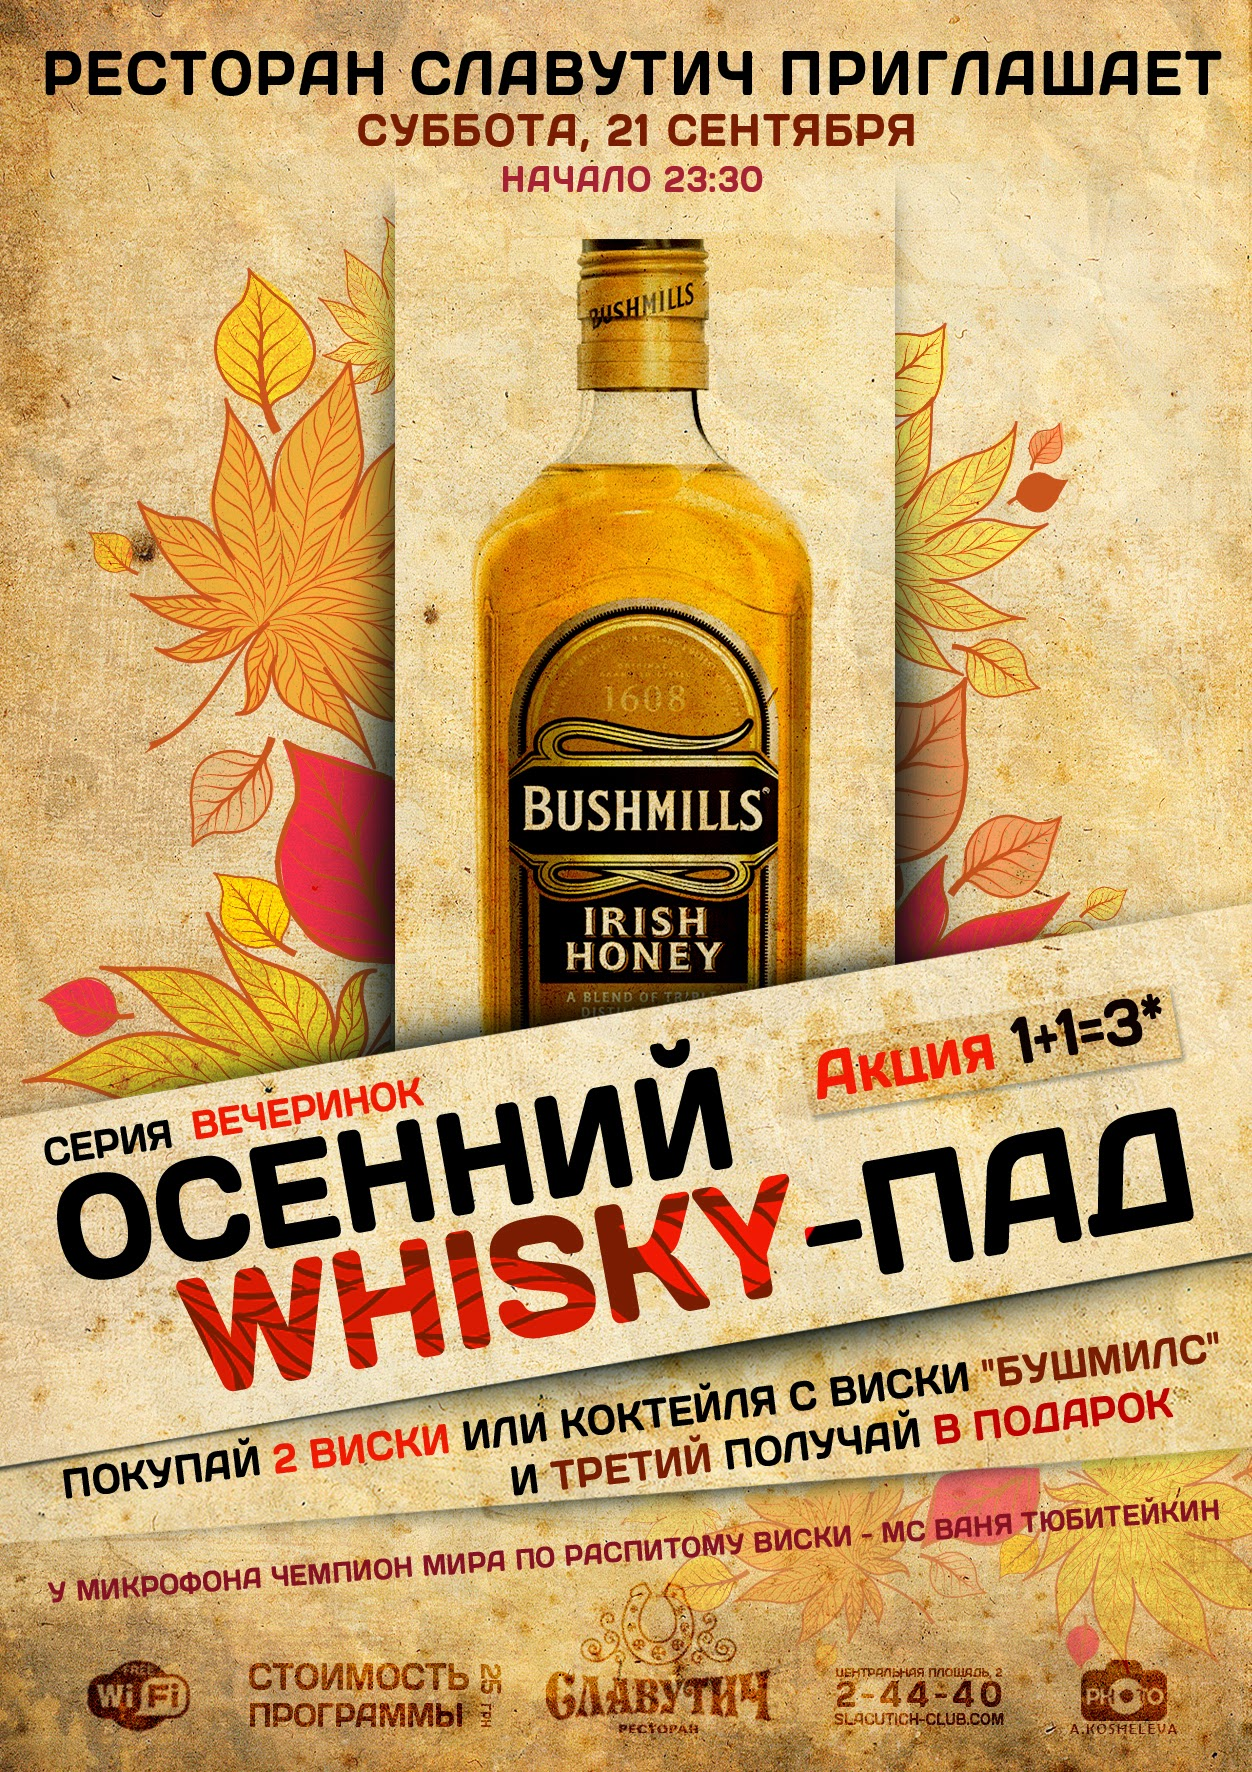 viskipad